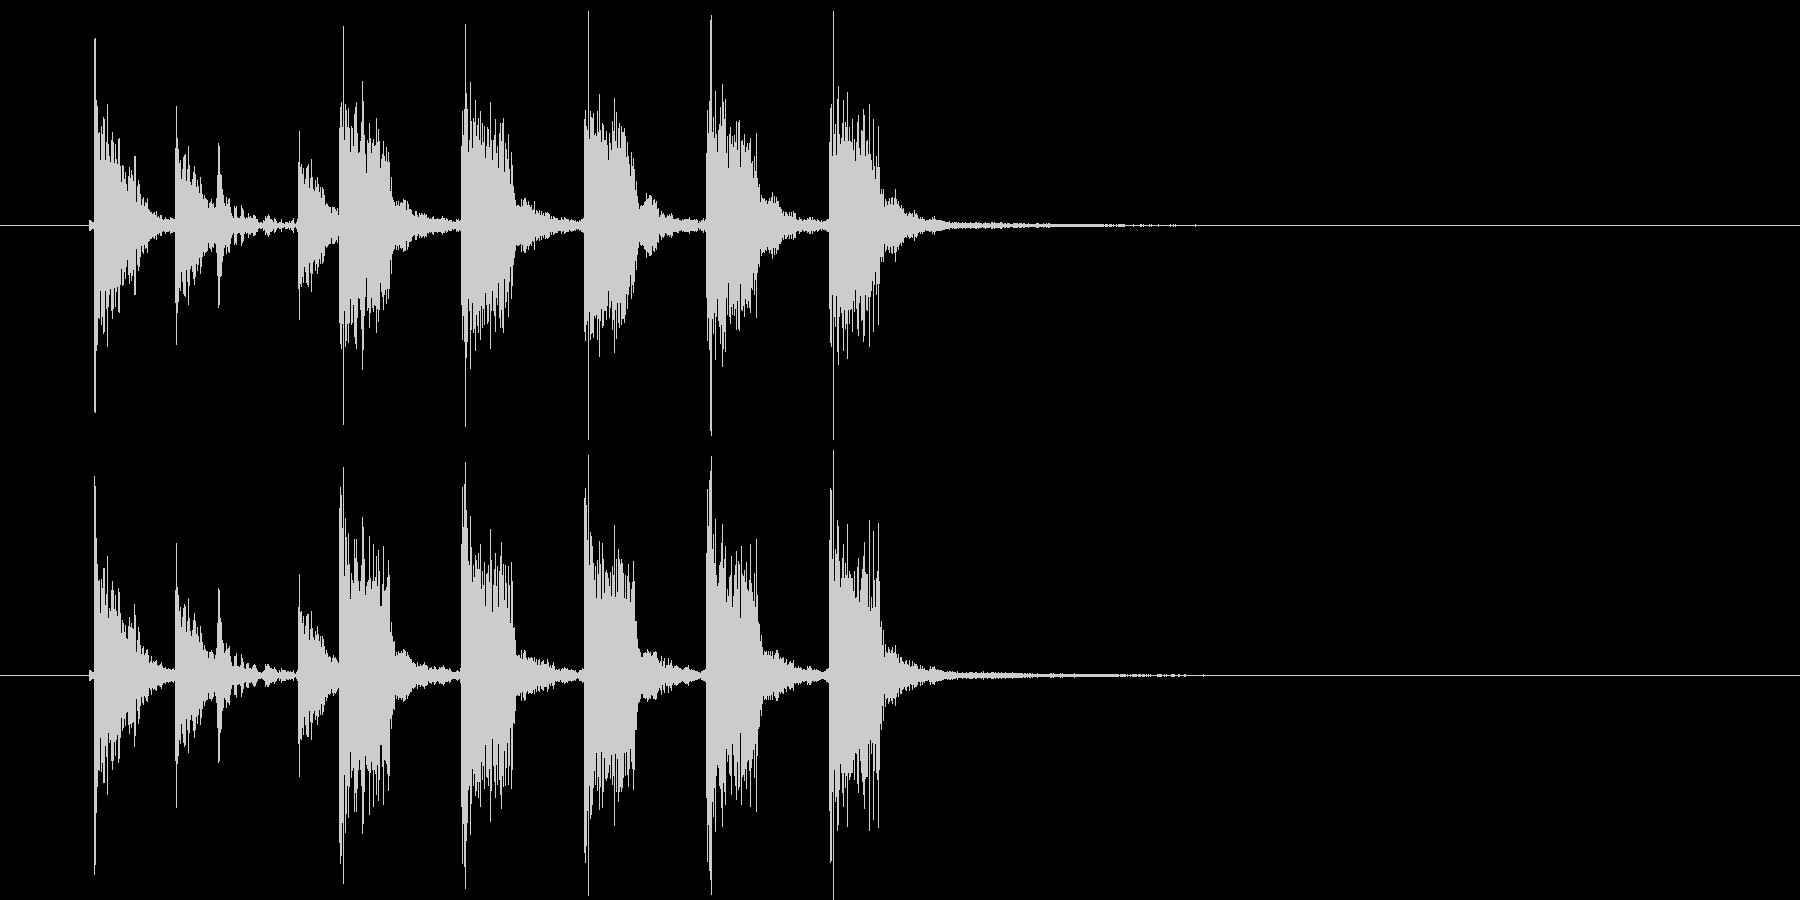 ズズチャチャチャチャチャ(ギター効果音)の未再生の波形